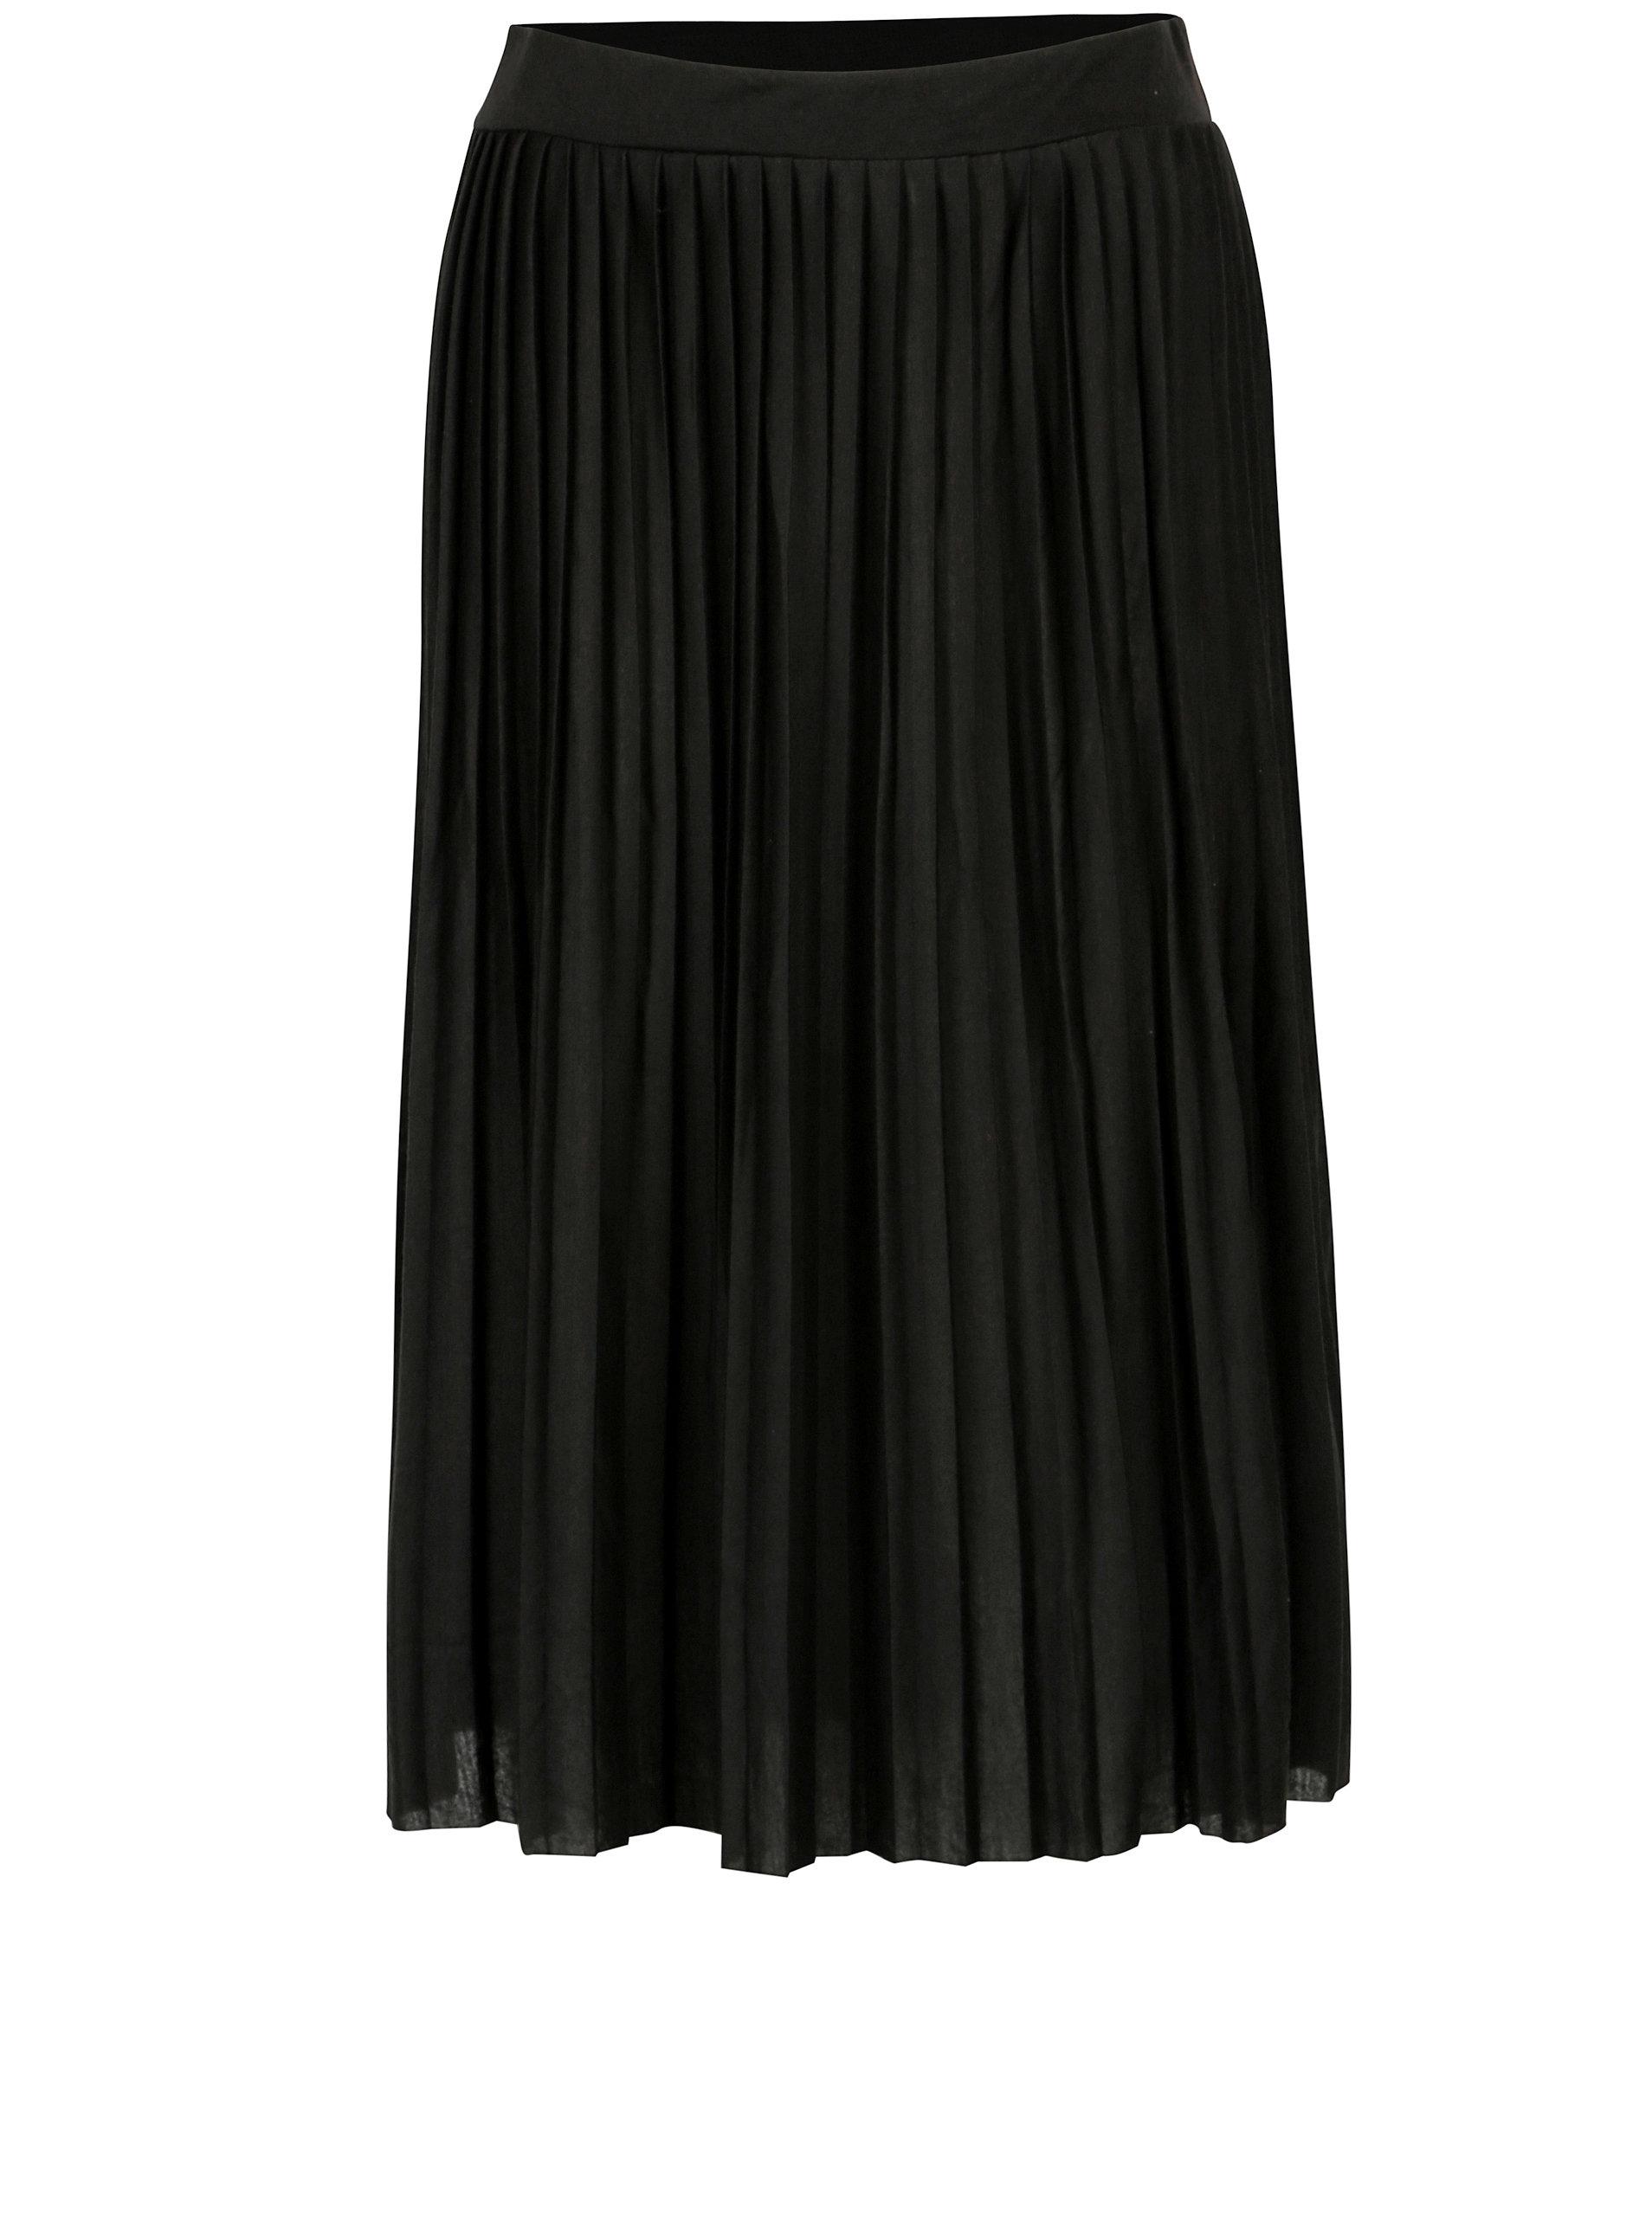 Černá plisovaná sukně Haily´s Fiona ... 72cf5ab0a7